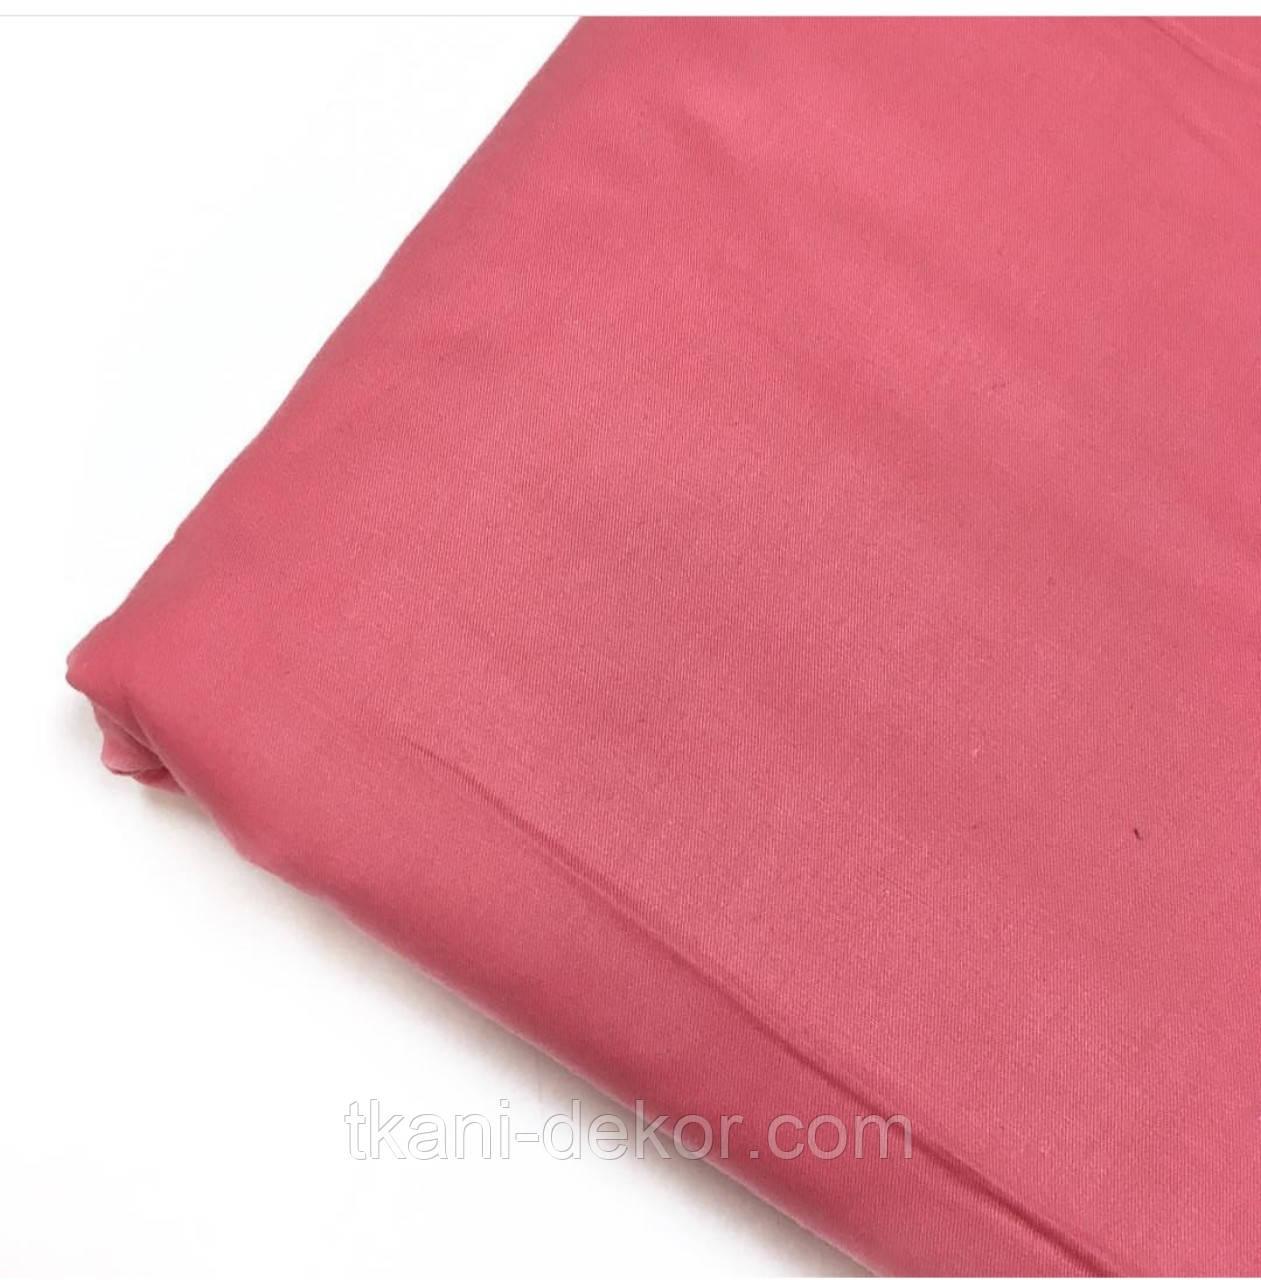 Сатин (бавовняна тканина) червоний корал однотон